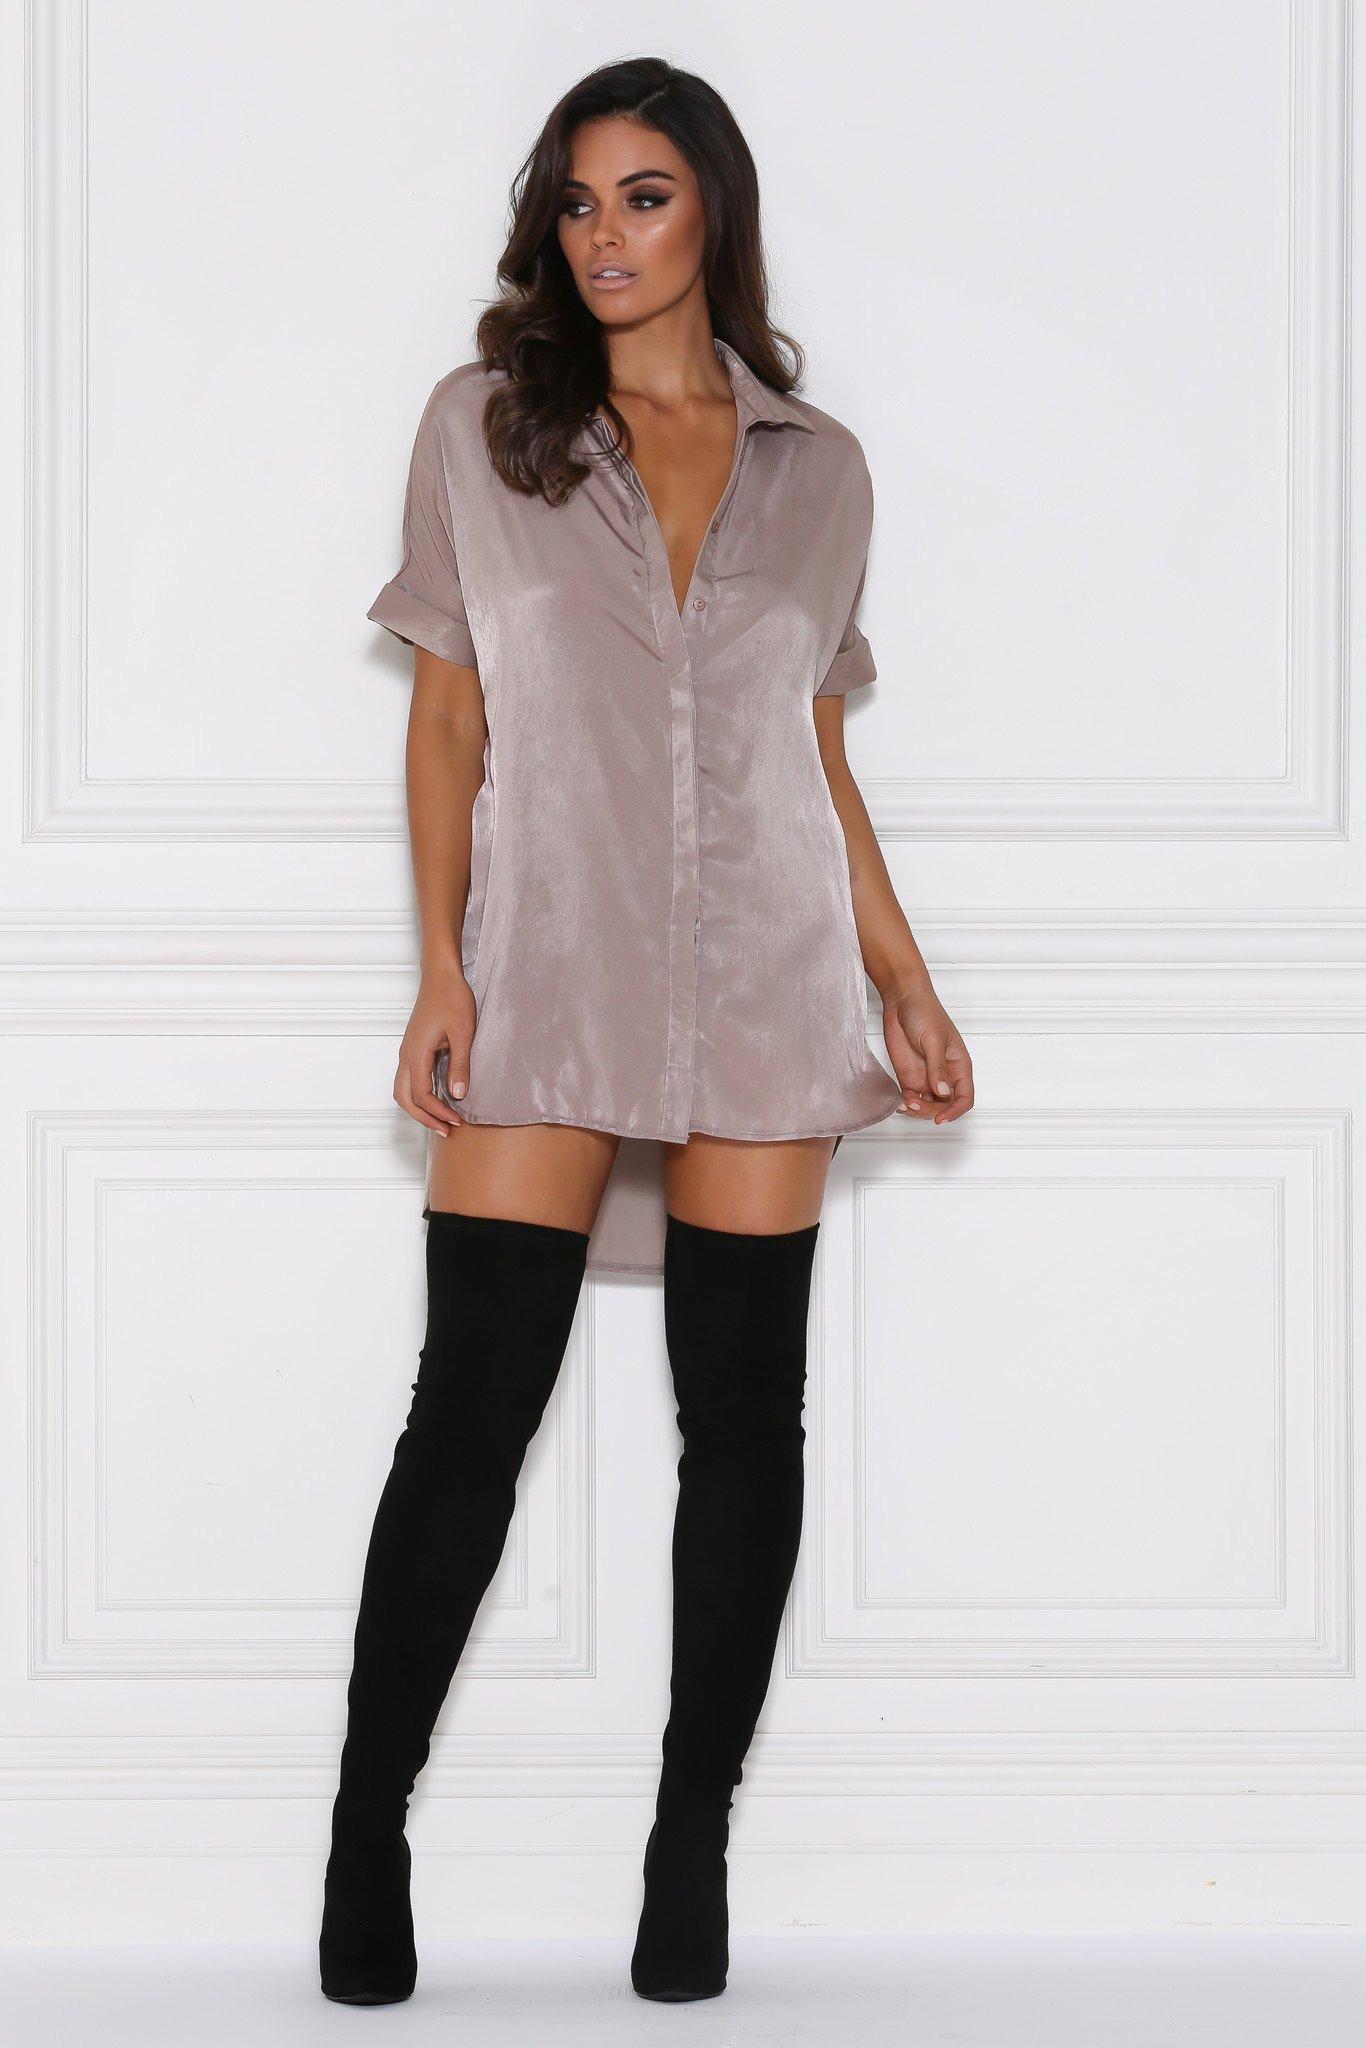 andrea satin shirt dress/top - mocha - meshki ipvsxgf